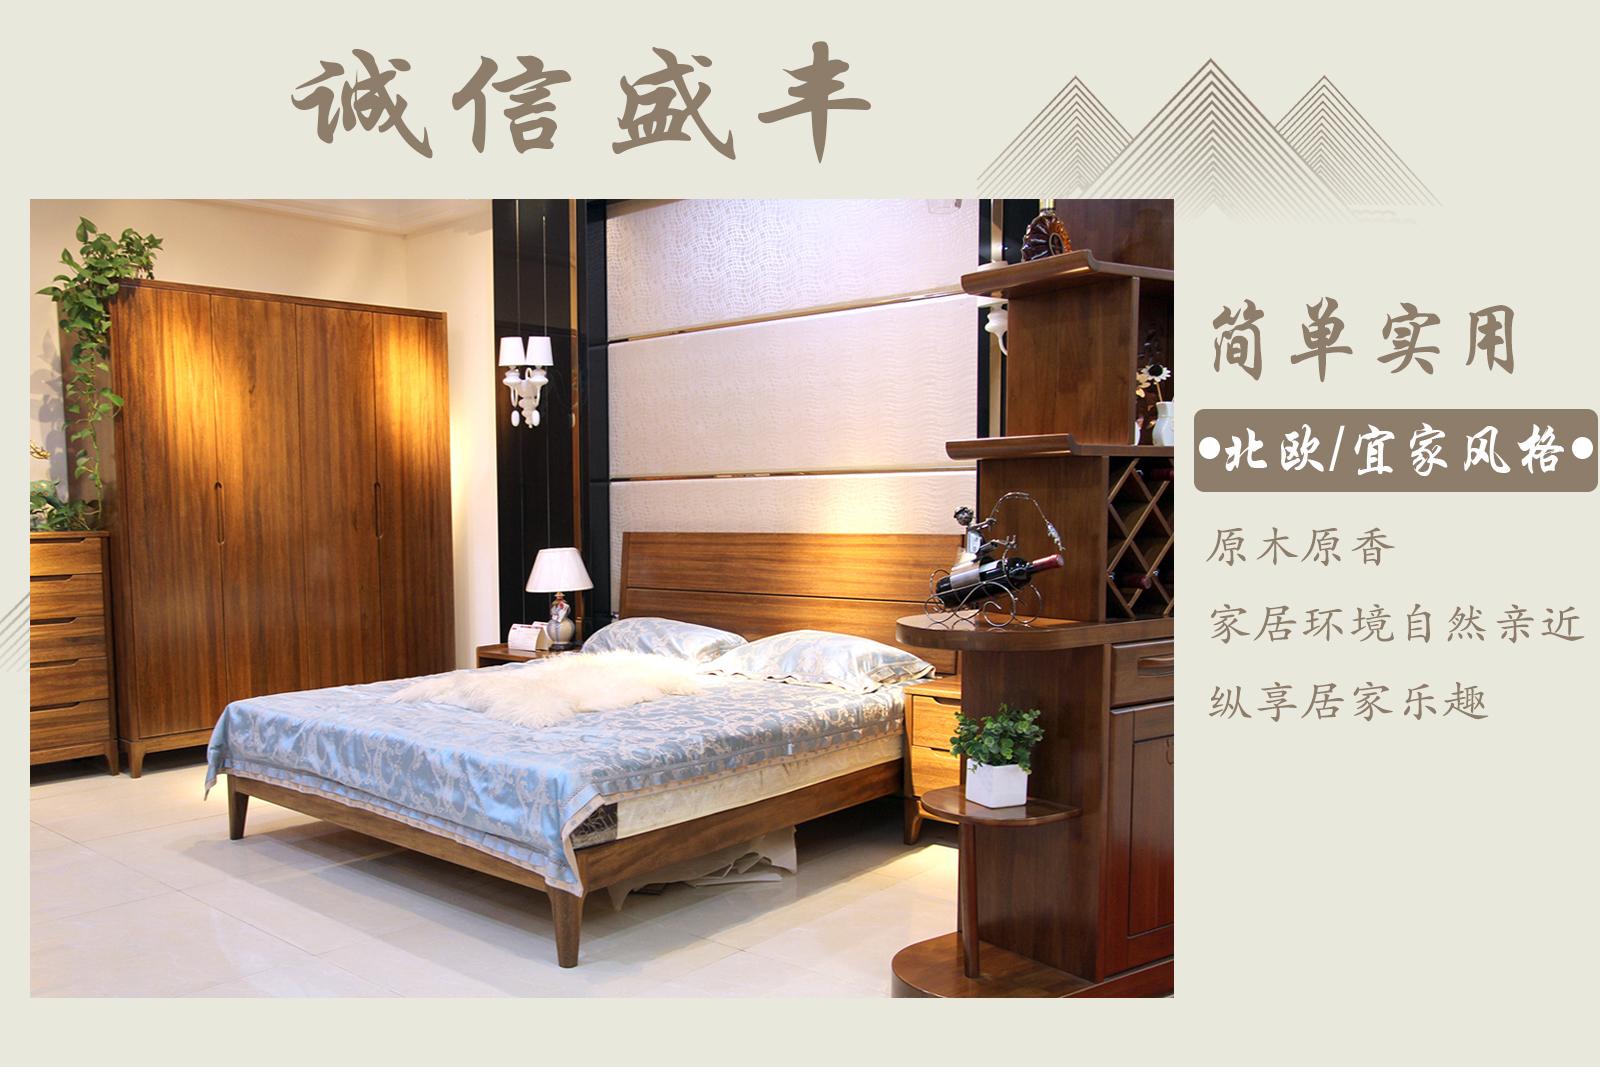 诚信盛丰家具 完美诠释自然清新卧室环境